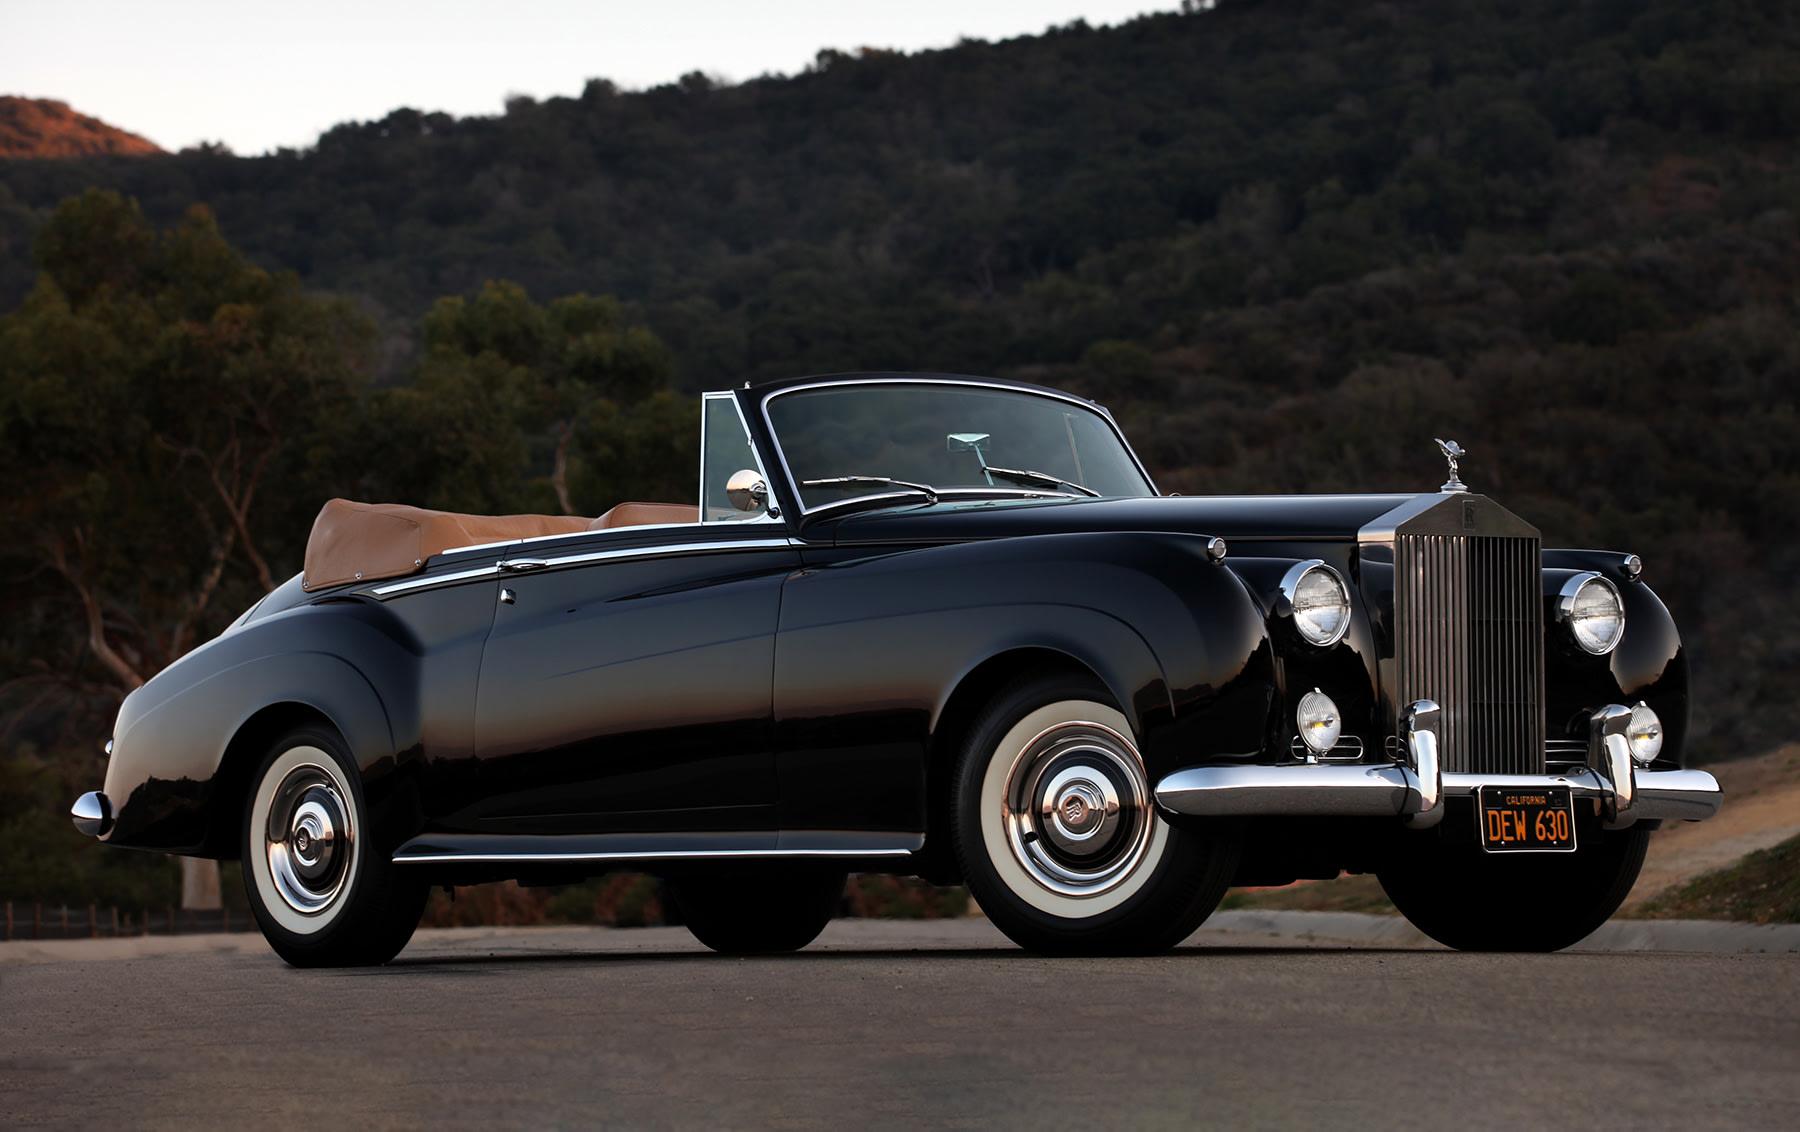 1961 Rolls-Royce Silver Cloud II Drop Head Coupe